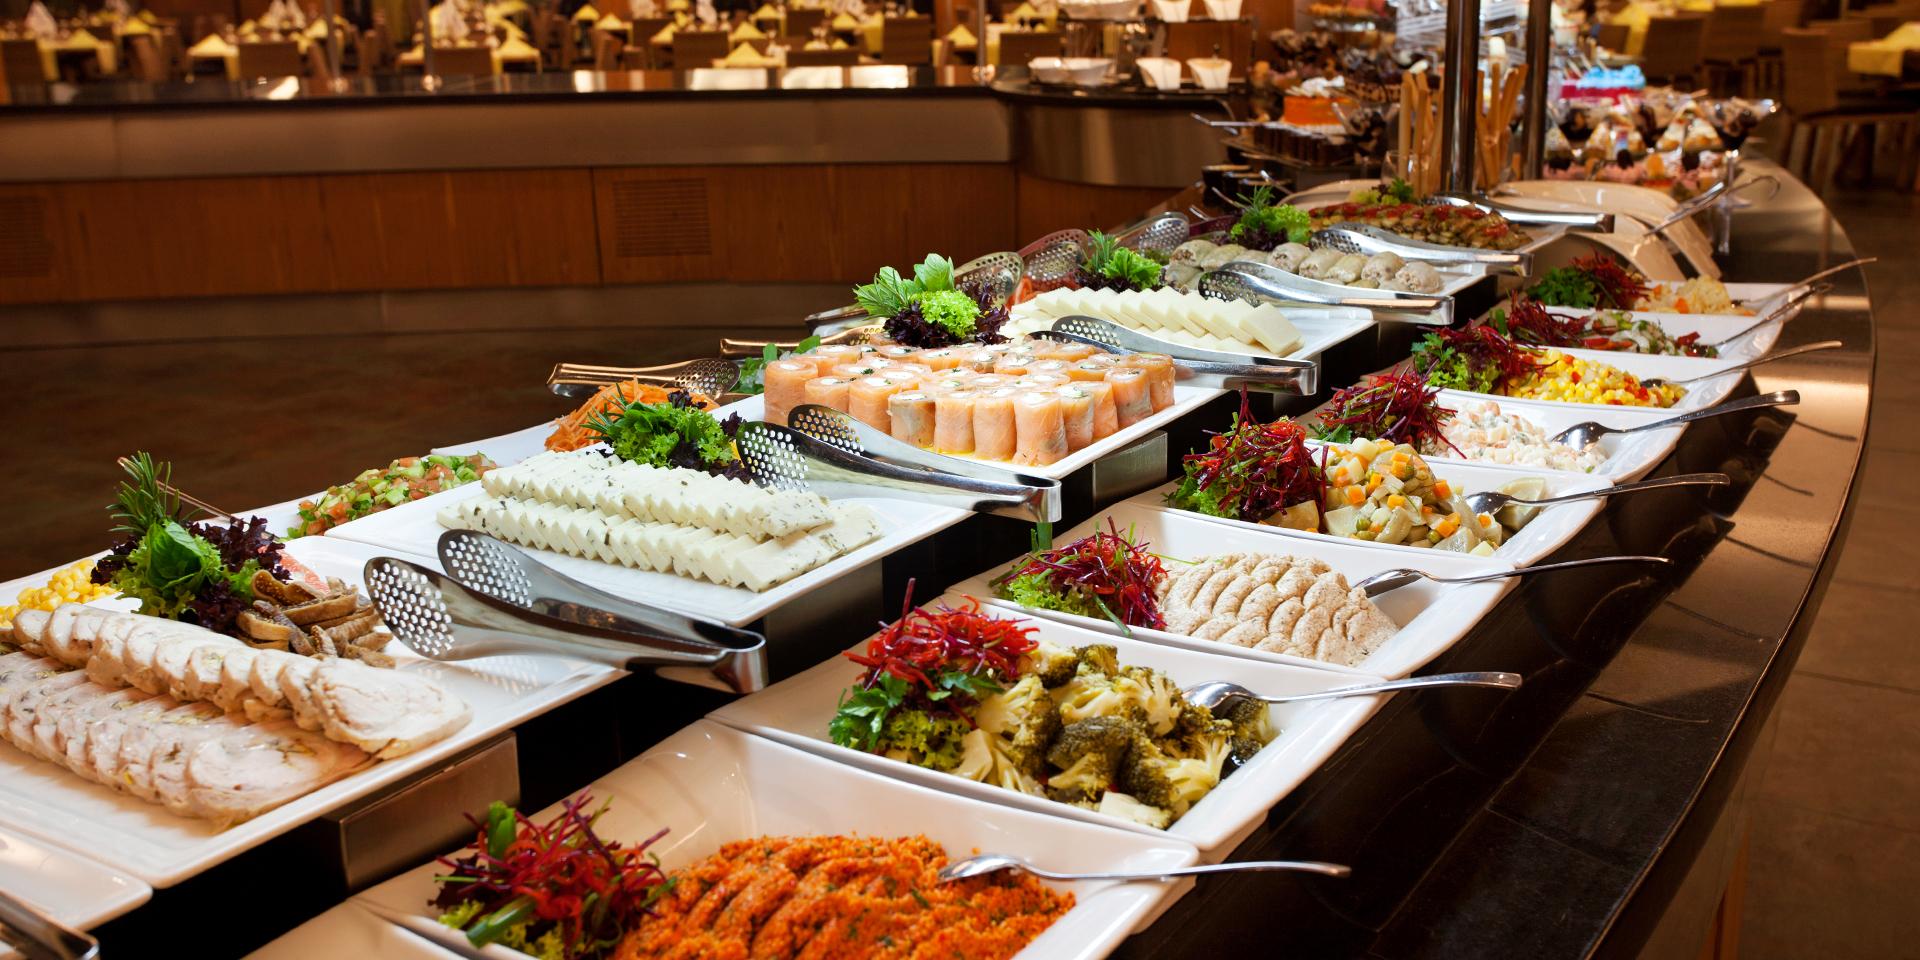 В отелях Турции вместо шведского стола будет комплексное меню